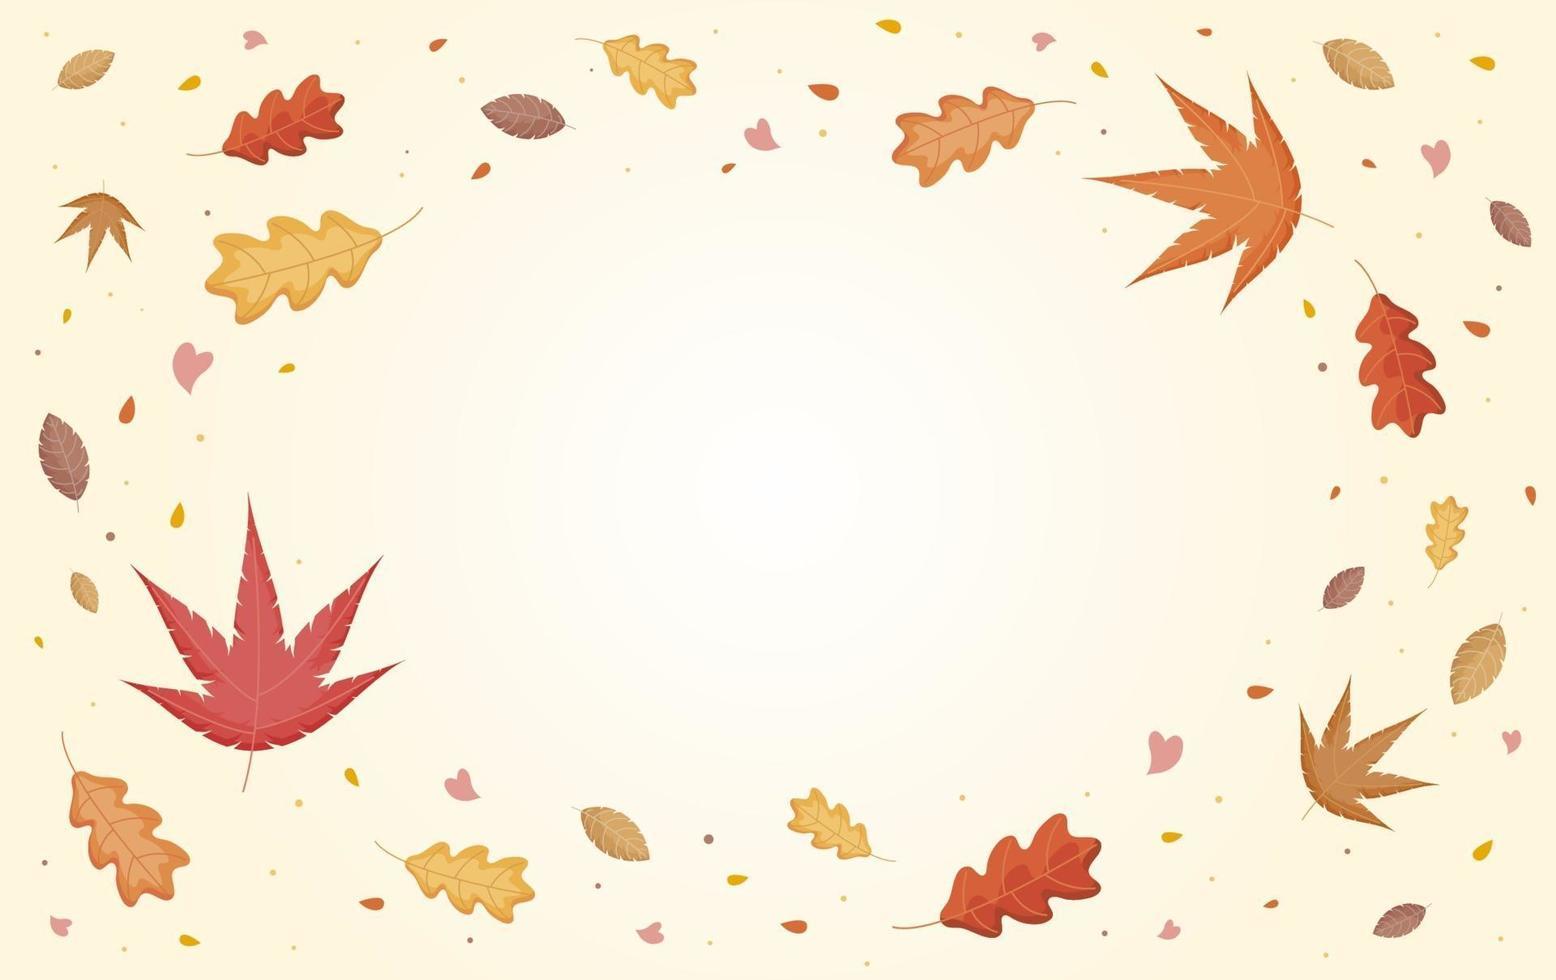 Herbstblätter fallen mit Kopienraumvektorillustration vektor